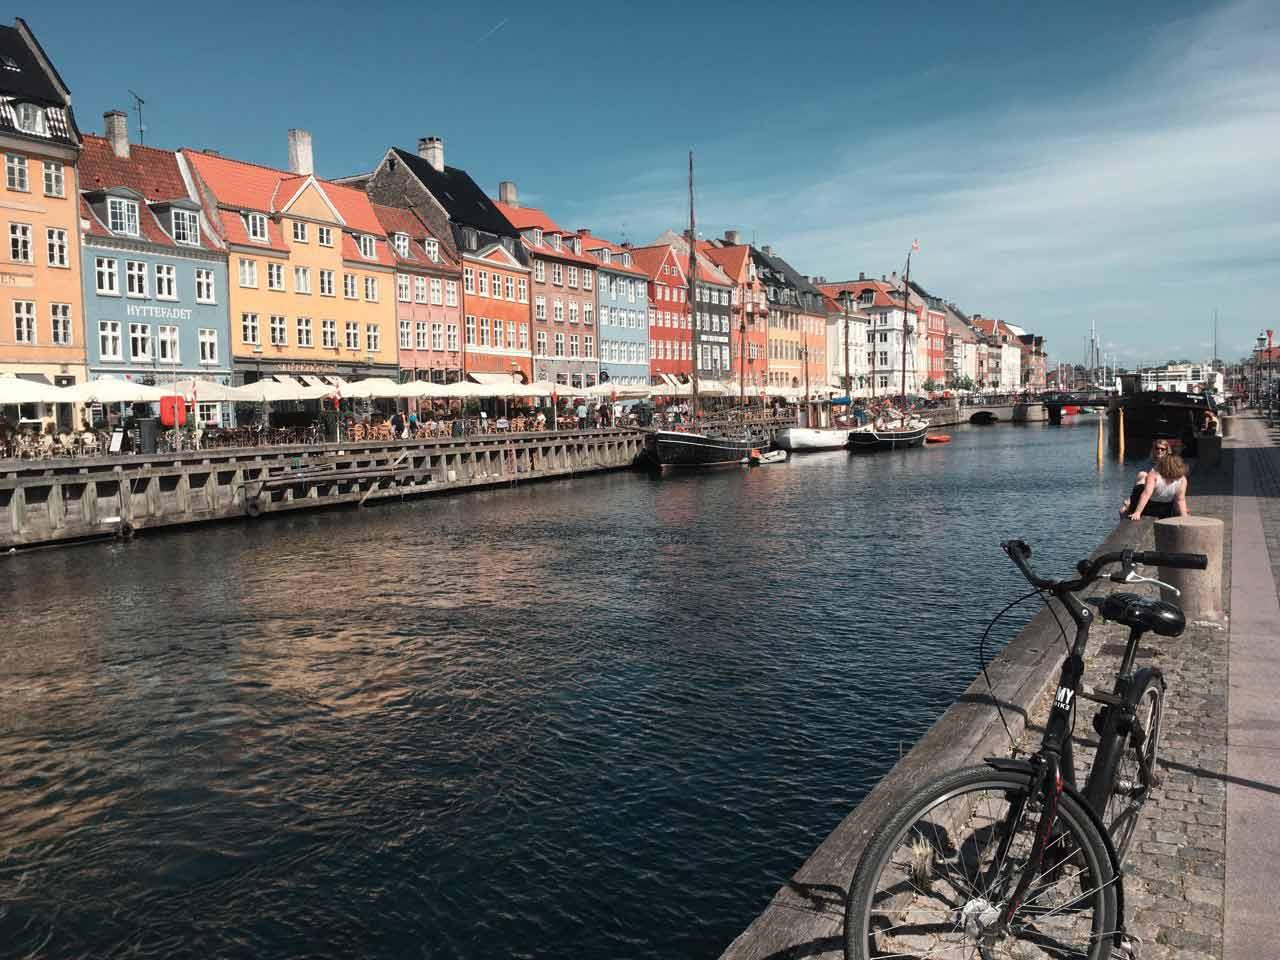 Der Nyhaven in Kopenhagen